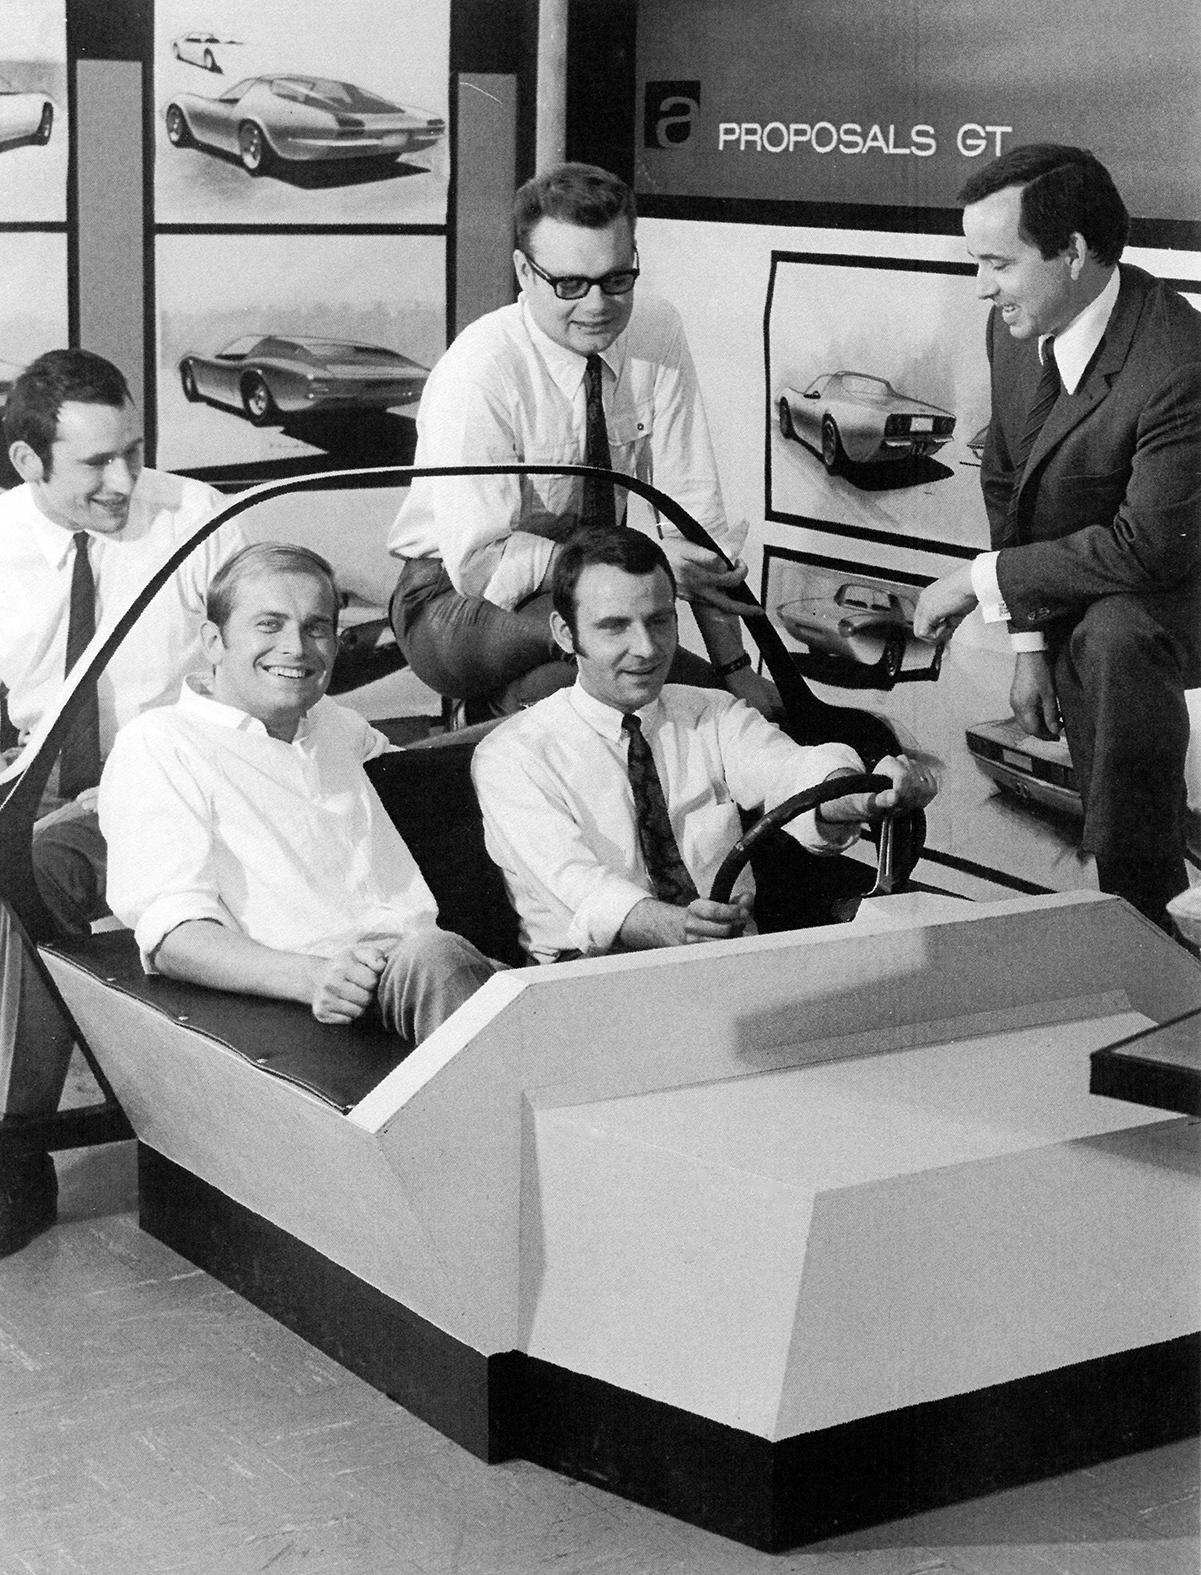 Das Interieur des künftigen Opel GT wird vom Designteam unter der Führung von Erhard Schnell (rechts) im brandneuen Studio für Zukunftsdesign (Advanced Design) getestet.